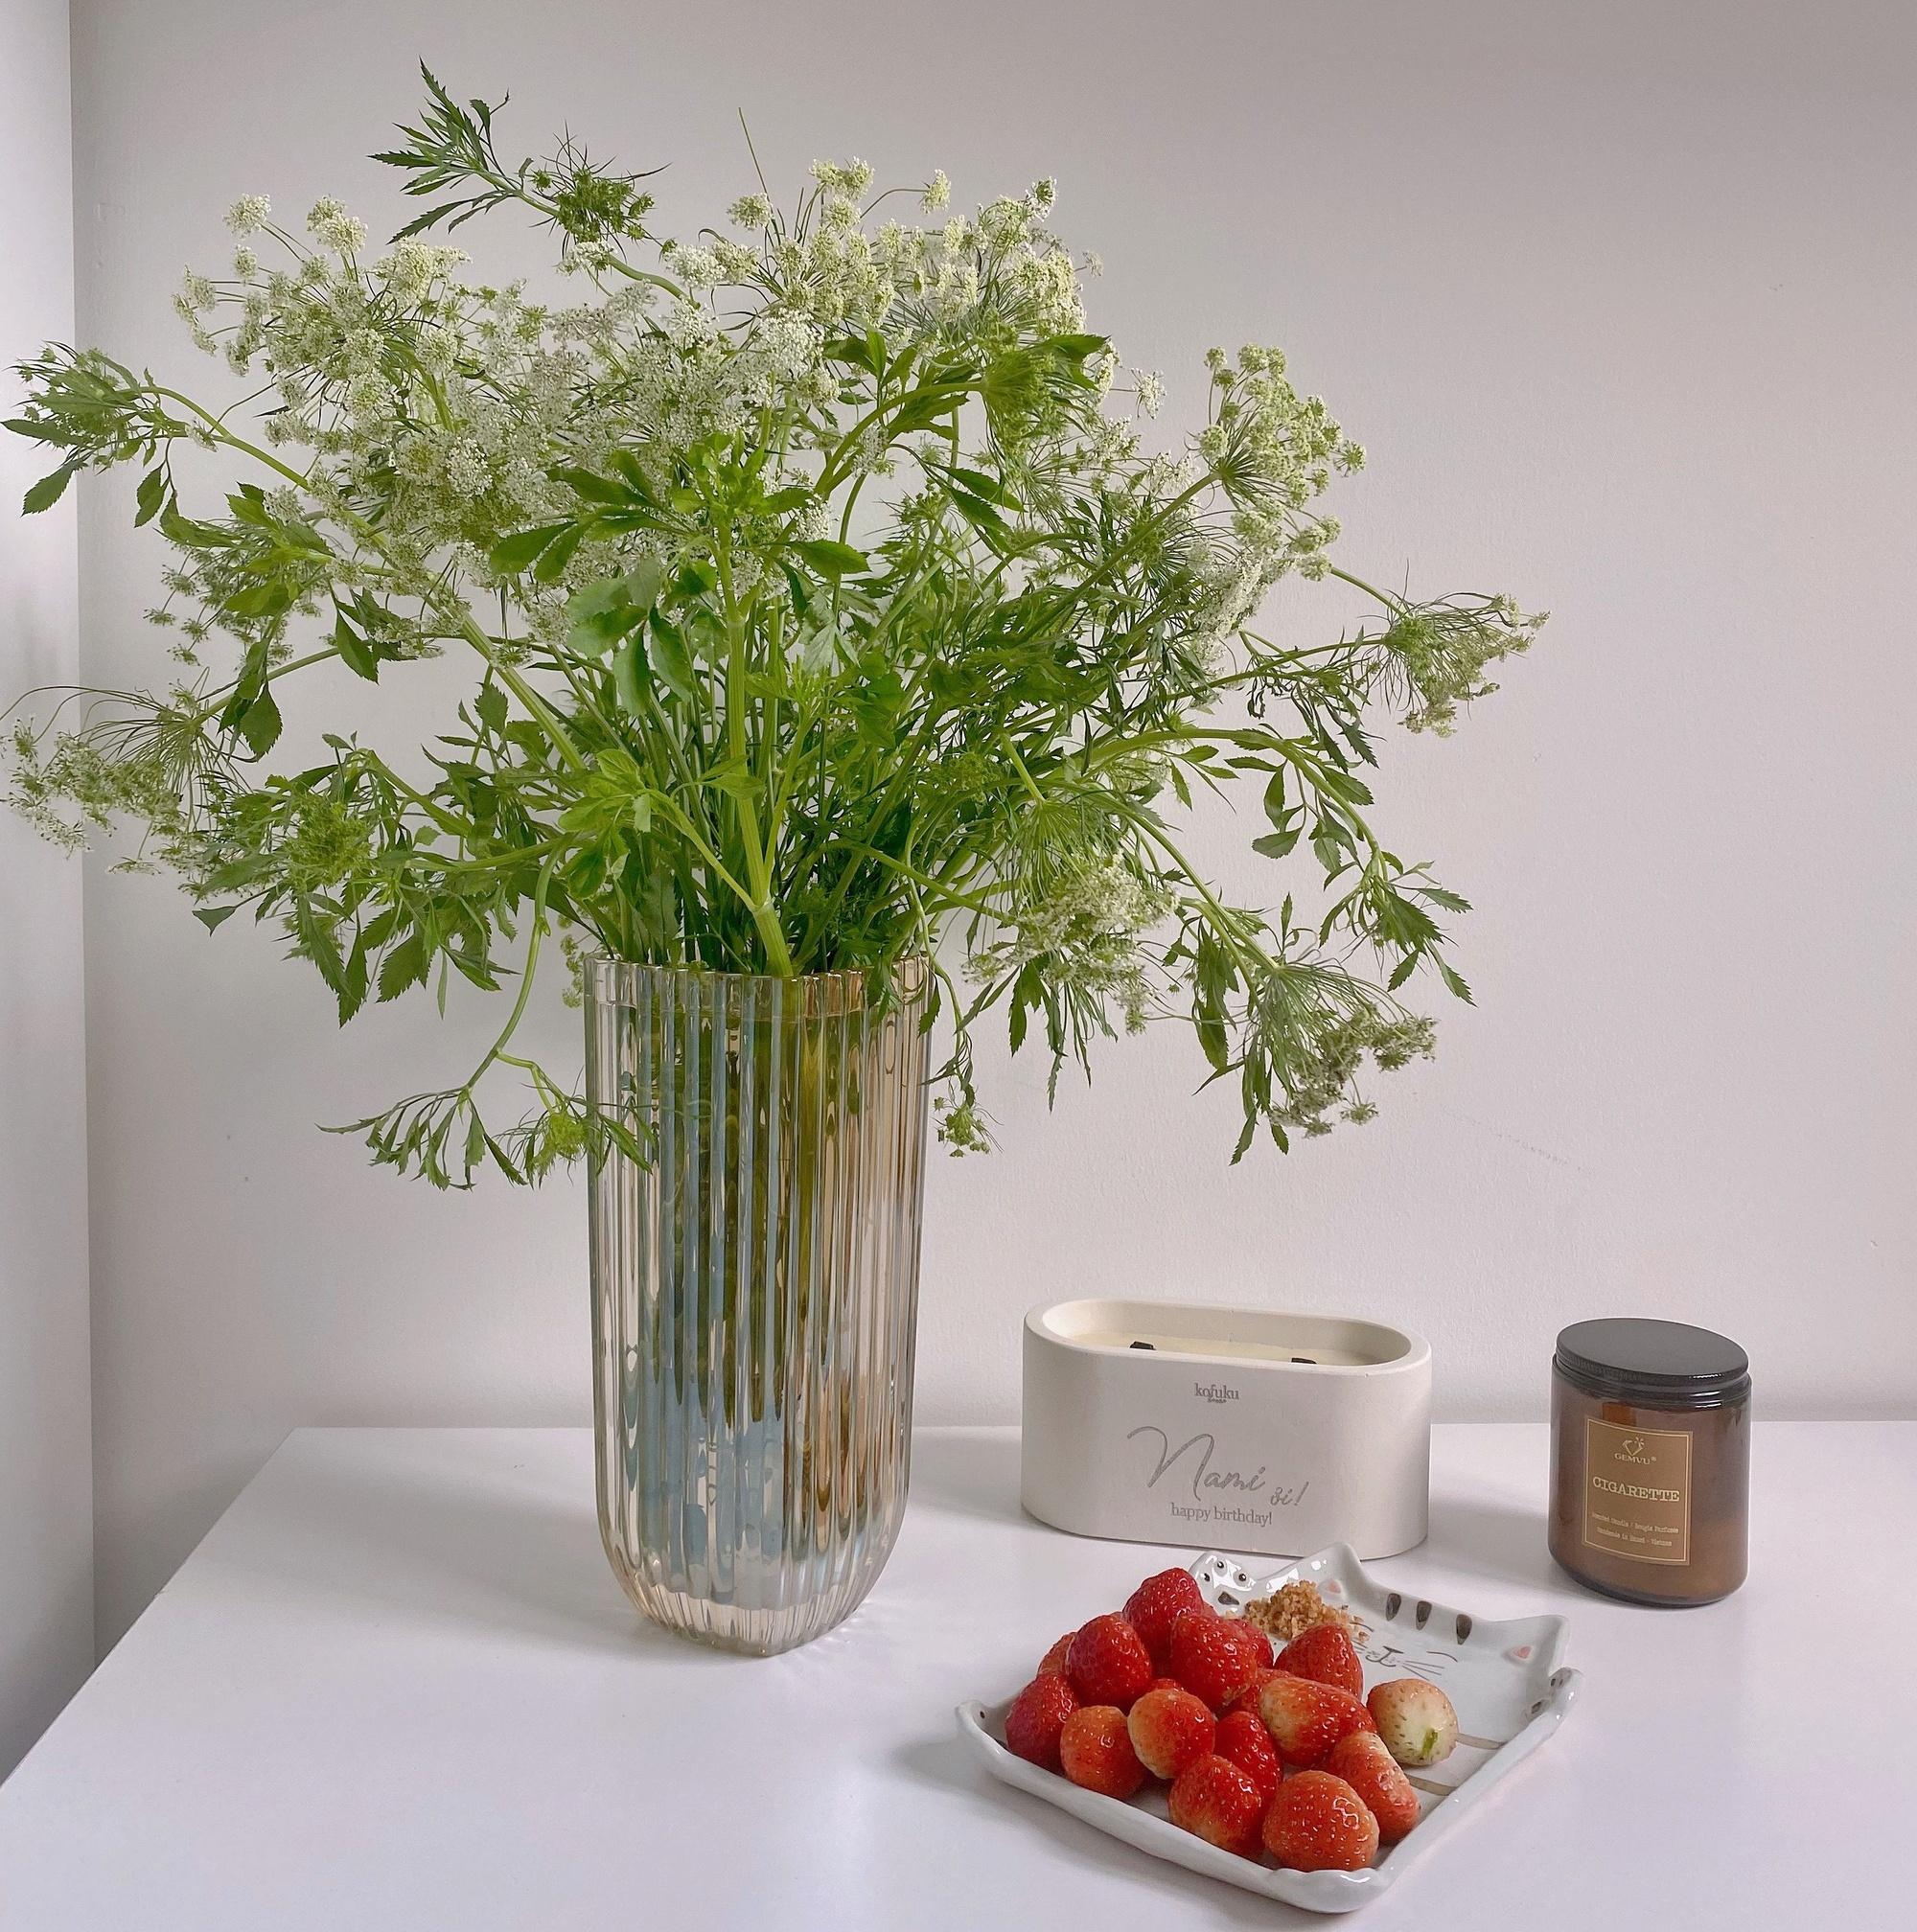 Hoa cà rốt 'mới, lạ' khiến chị em Sài thành mê mẩn, mua về cắm